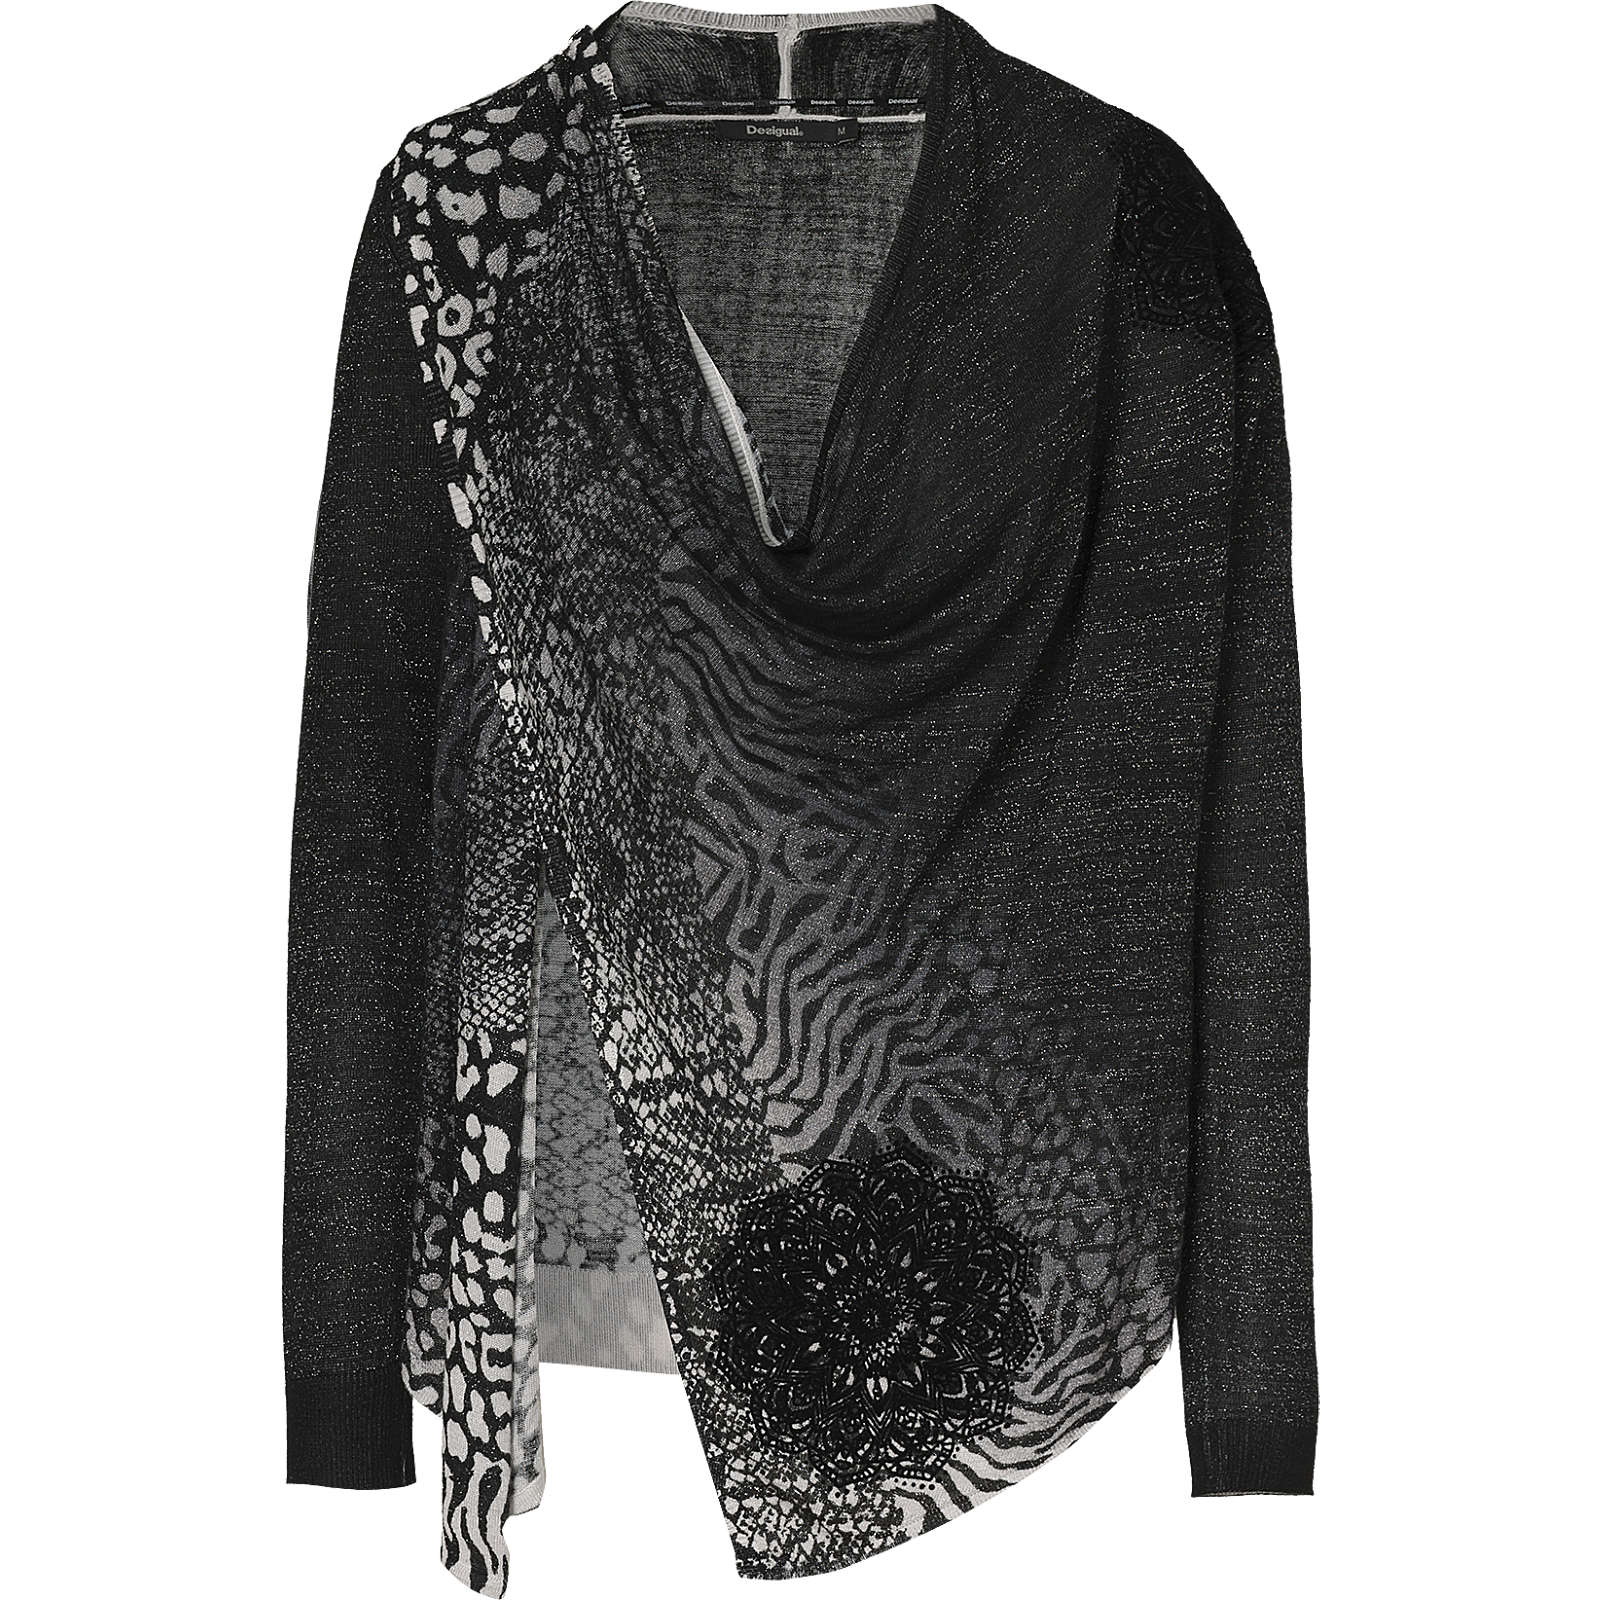 Desigual Pullover schwarz Damen Gr. 36